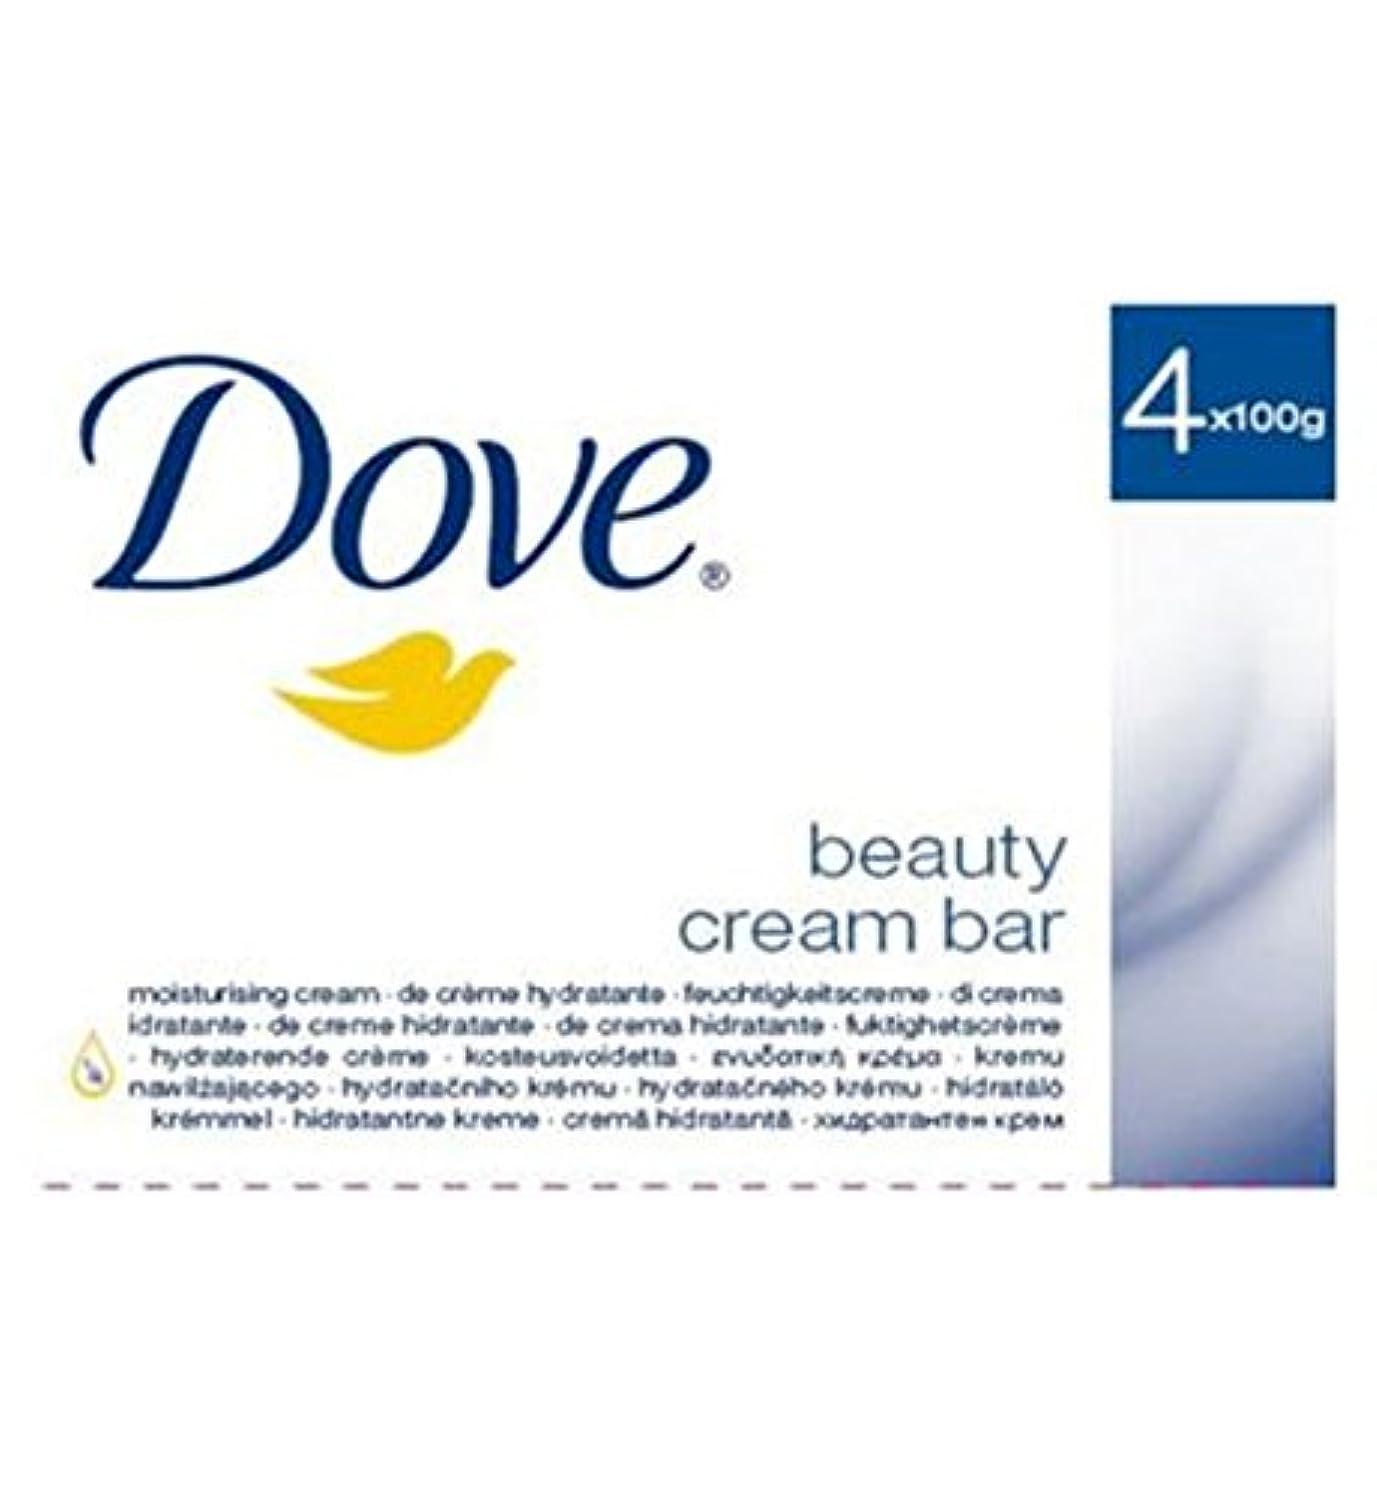 切断する石鹸ファイアルDove Original Beauty Cream Bar 4 x 100g - 鳩元の美しさのクリームバー4のX 100グラム (Dove) [並行輸入品]